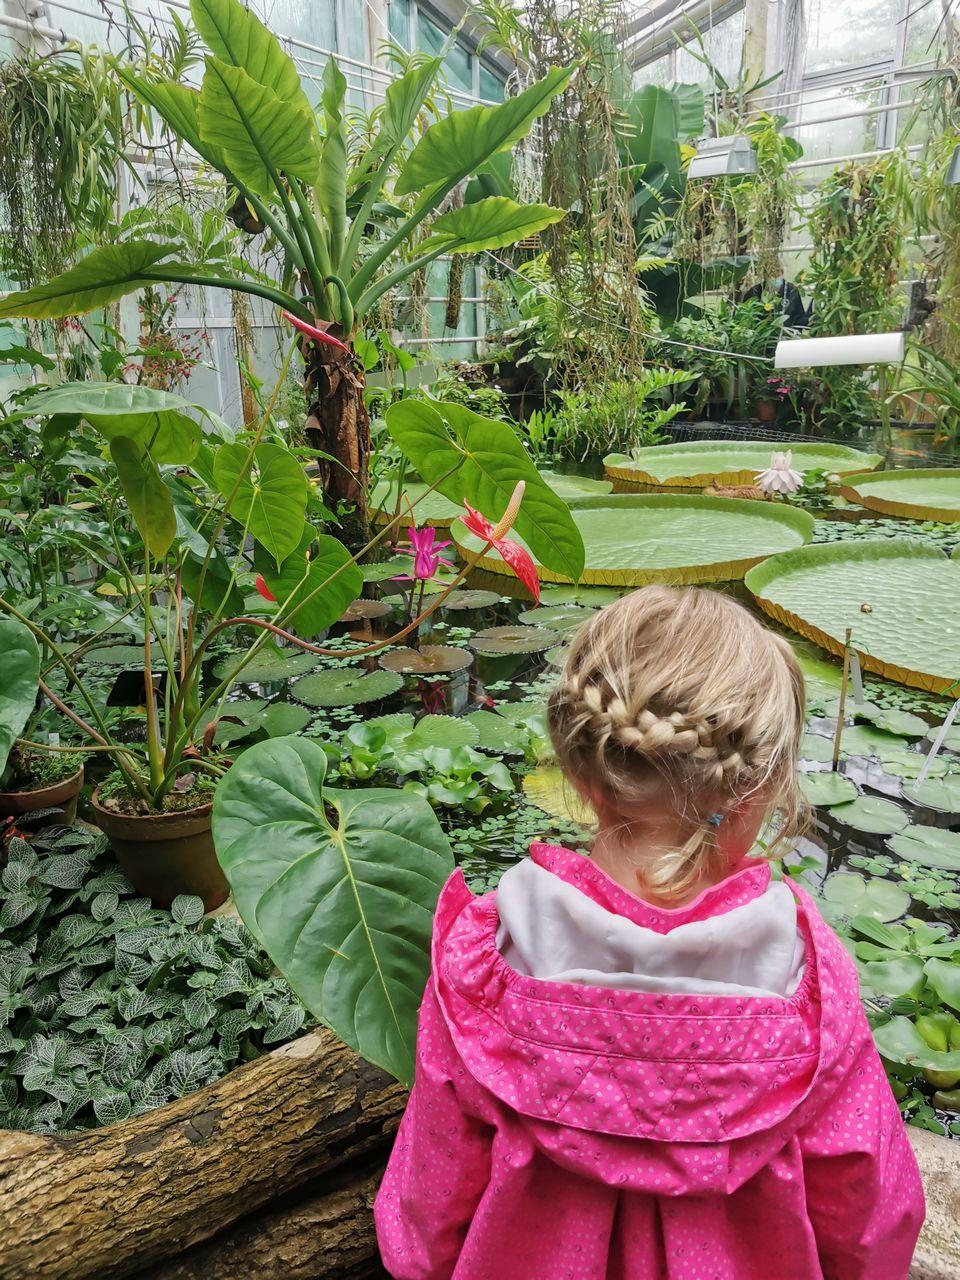 Tyttö katselee jättiläislumpeita kasvitieteellisessä puutarhassa